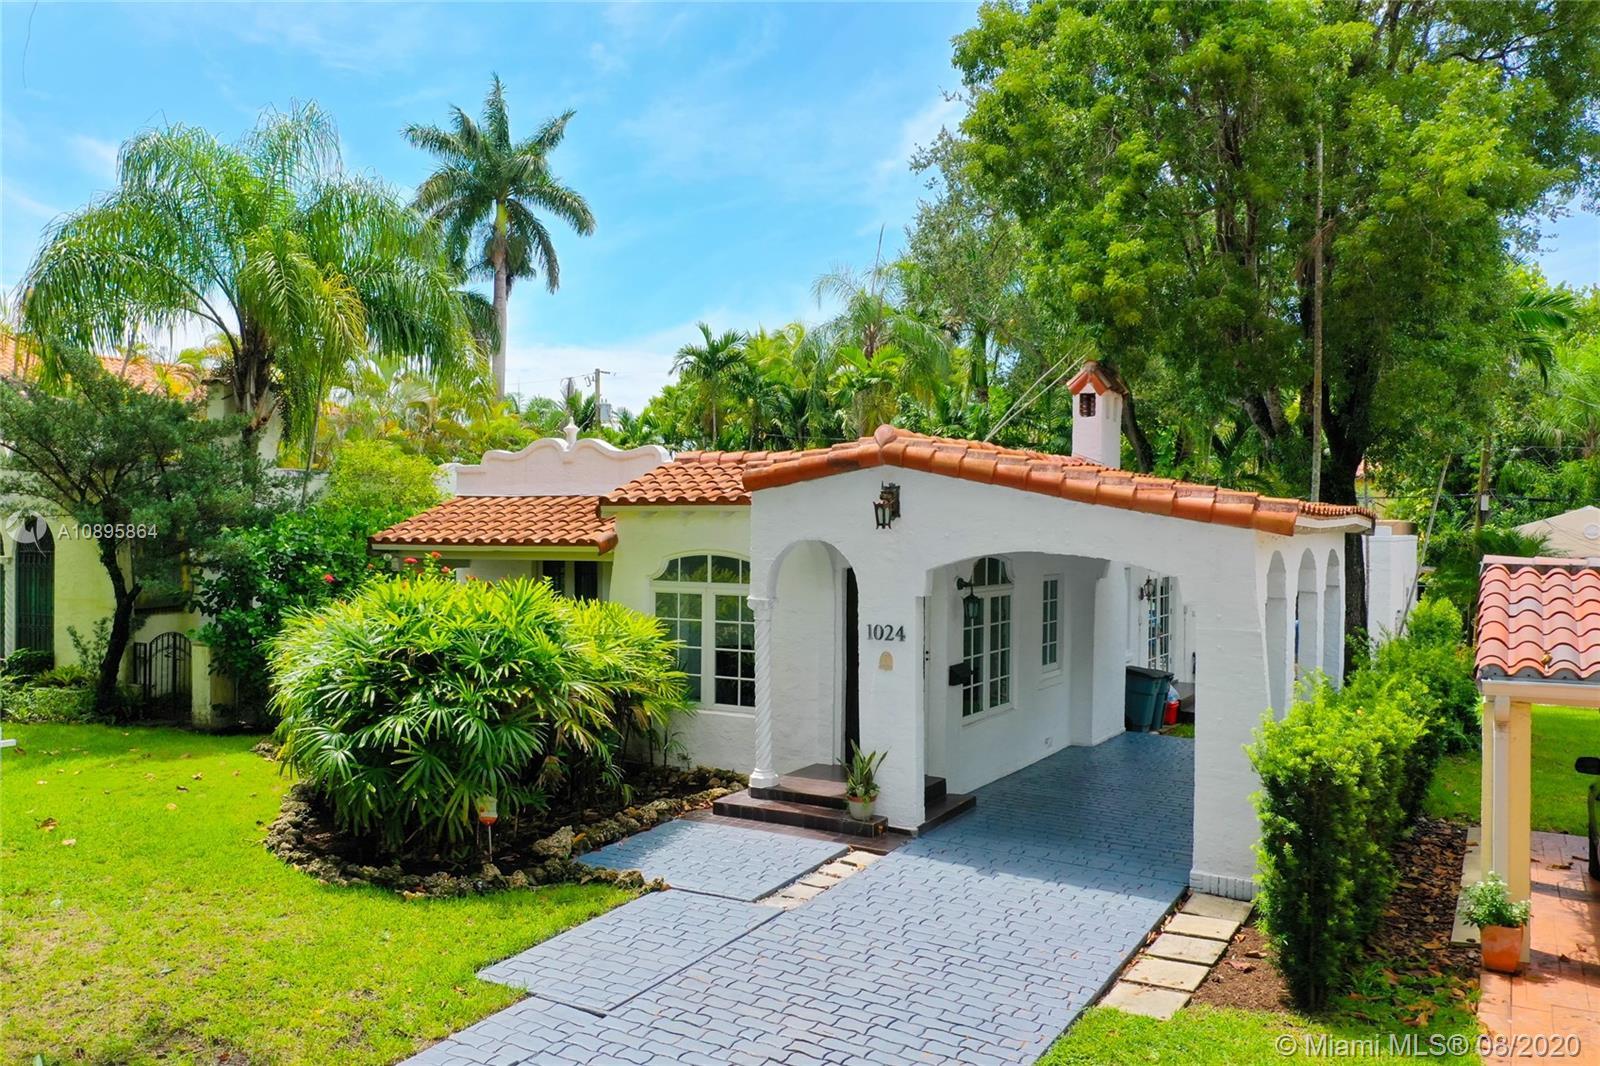 1024  Almeria Ave  For Sale A10895864, FL